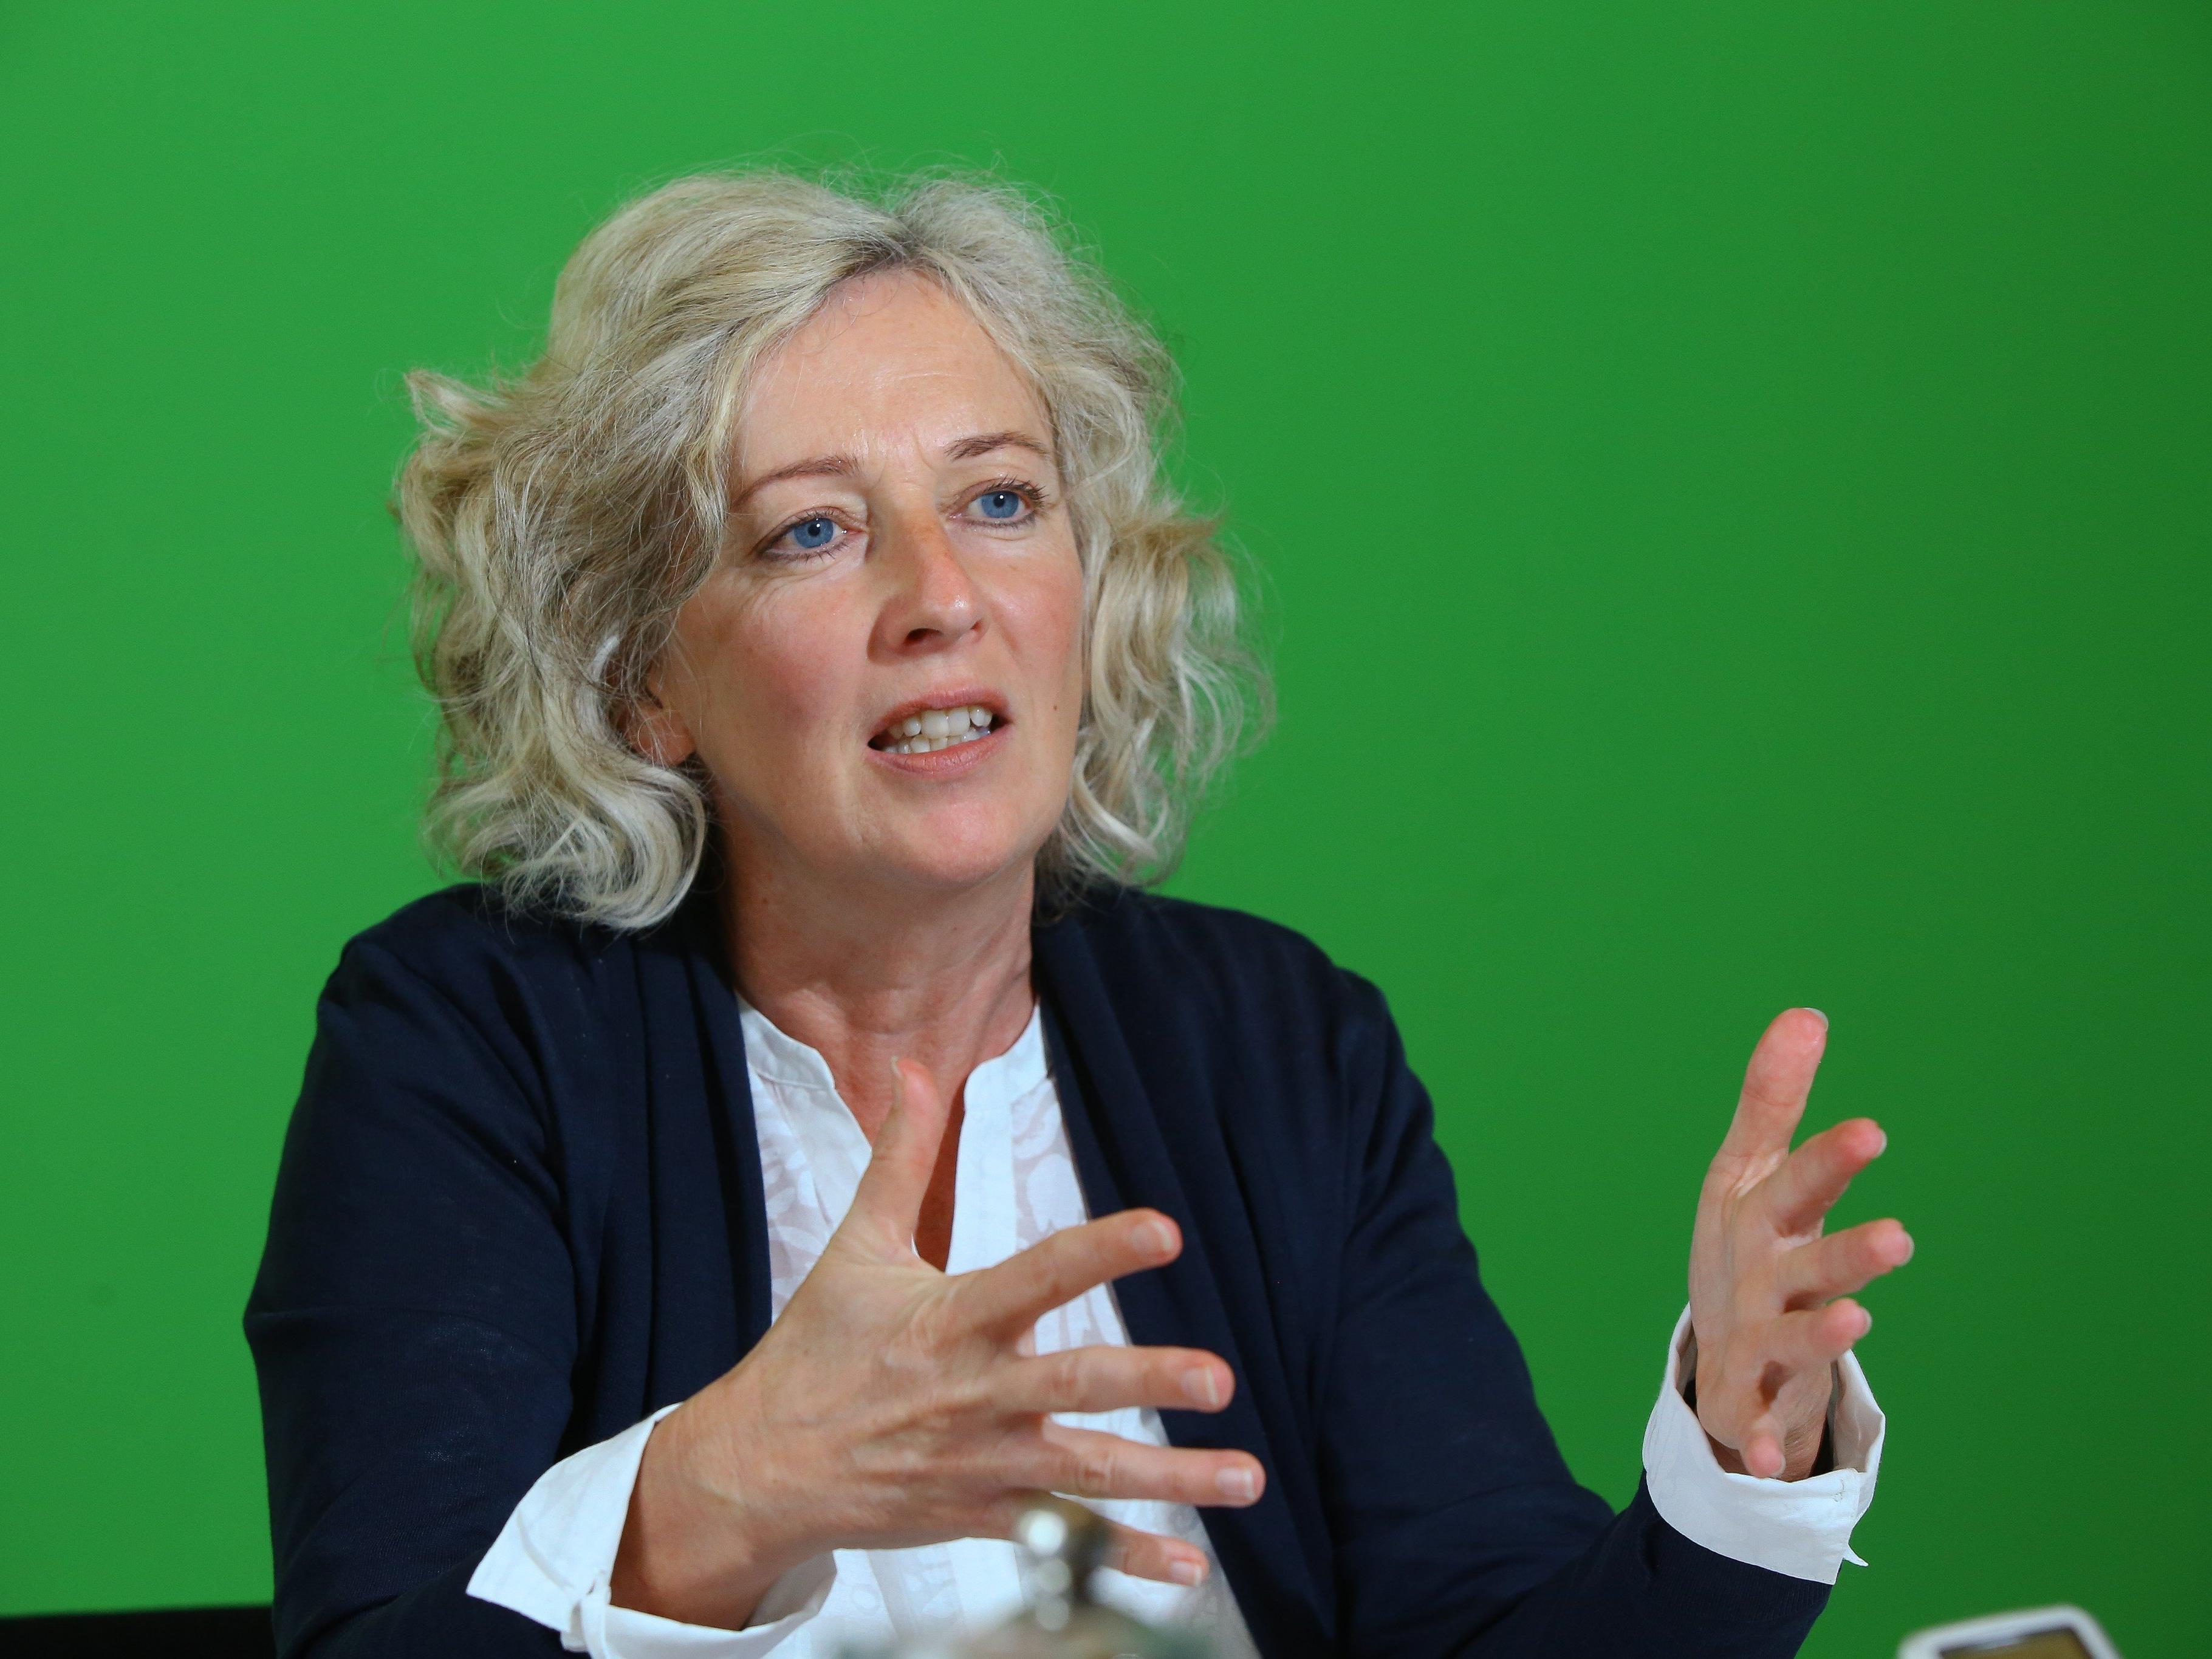 Landesrätin Wiesflecker: Frauen sollen in Entscheidungspositionen stärker vertreten sein